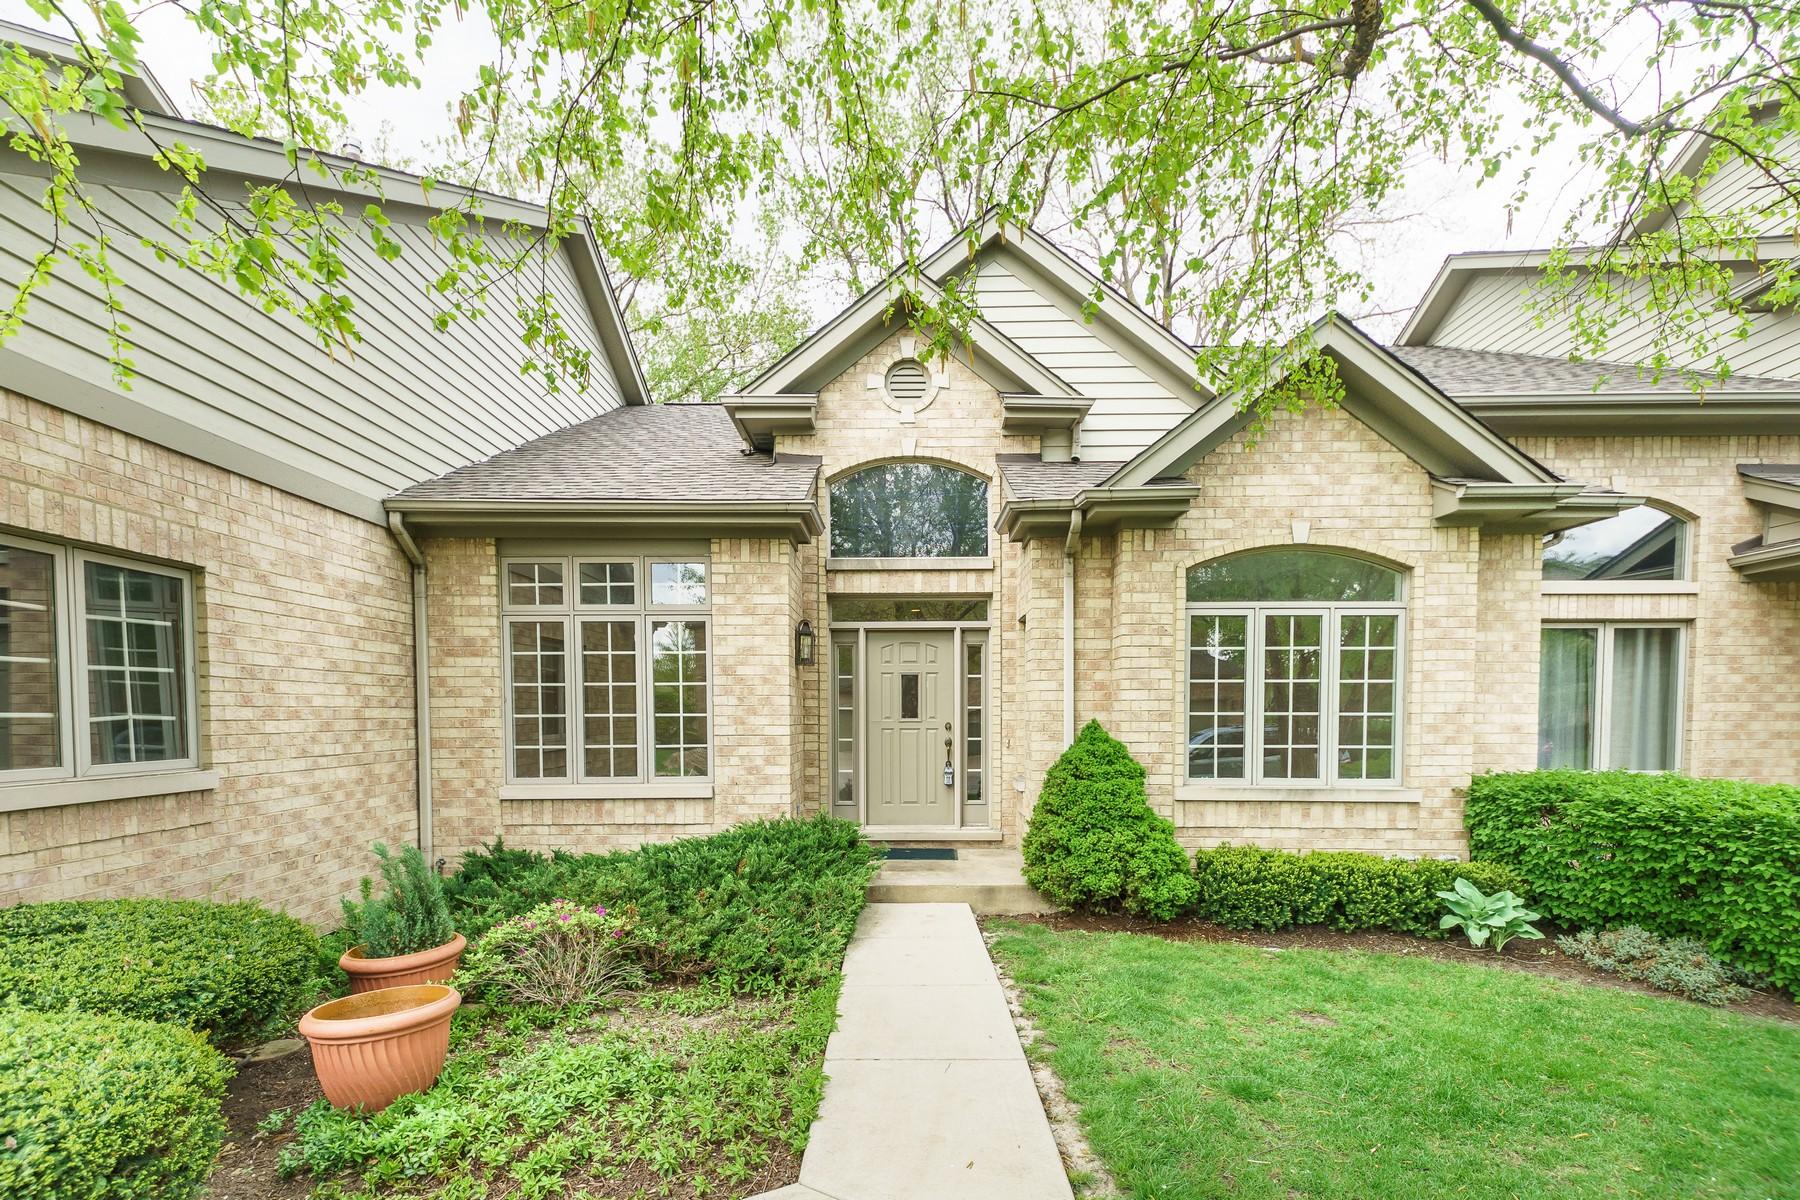 Частный односемейный дом для того Продажа на 1409 48th. Ct. South 1408 49th. Court South Western Springs, Иллинойс, 60558 Соединенные Штаты